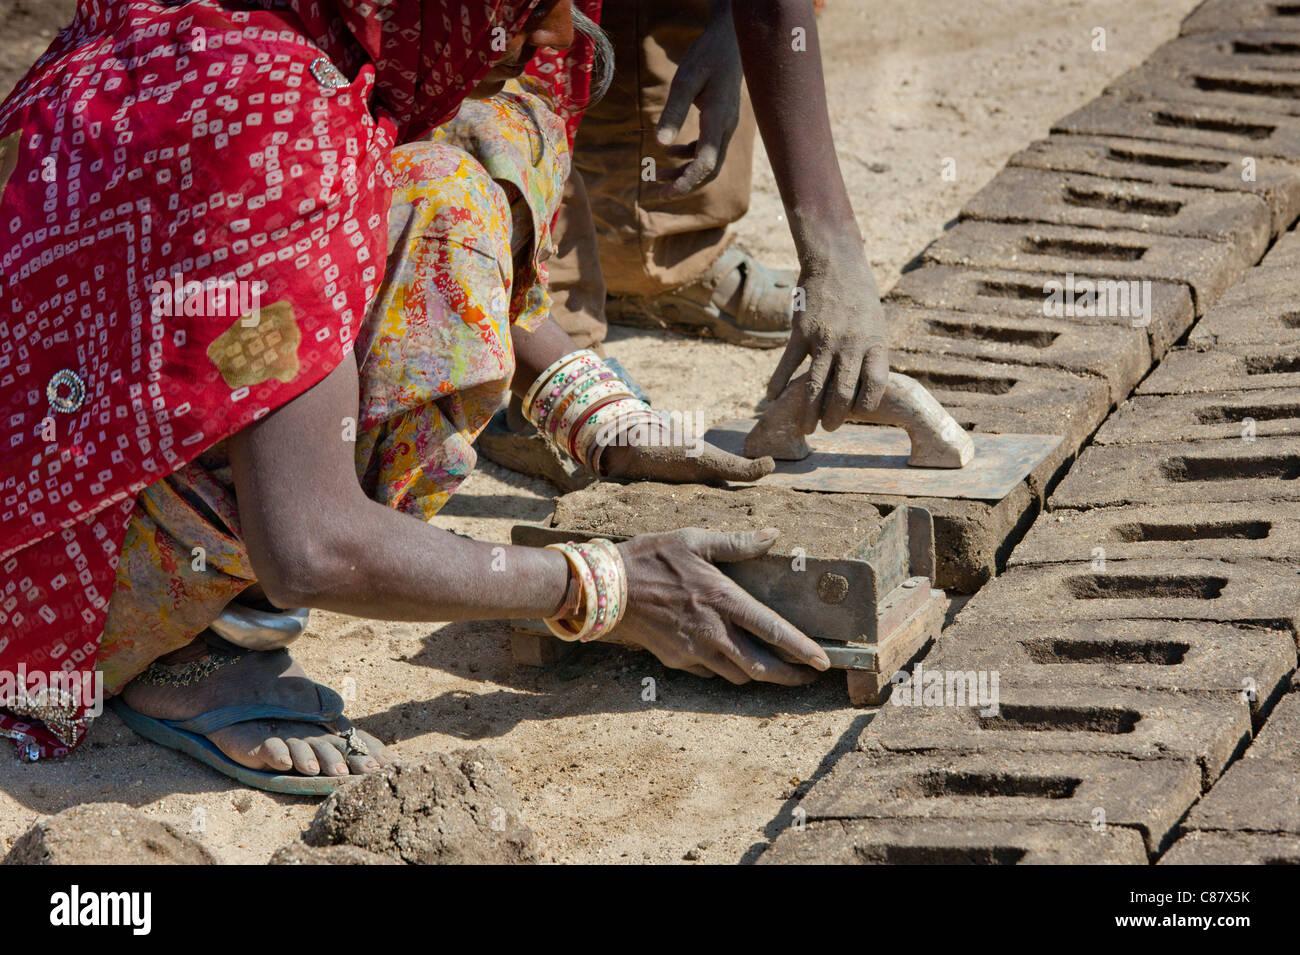 Indian family forming bricks made from mud clay at Khore Bricks Factory, Rajasthan, Northern India - Stock Image